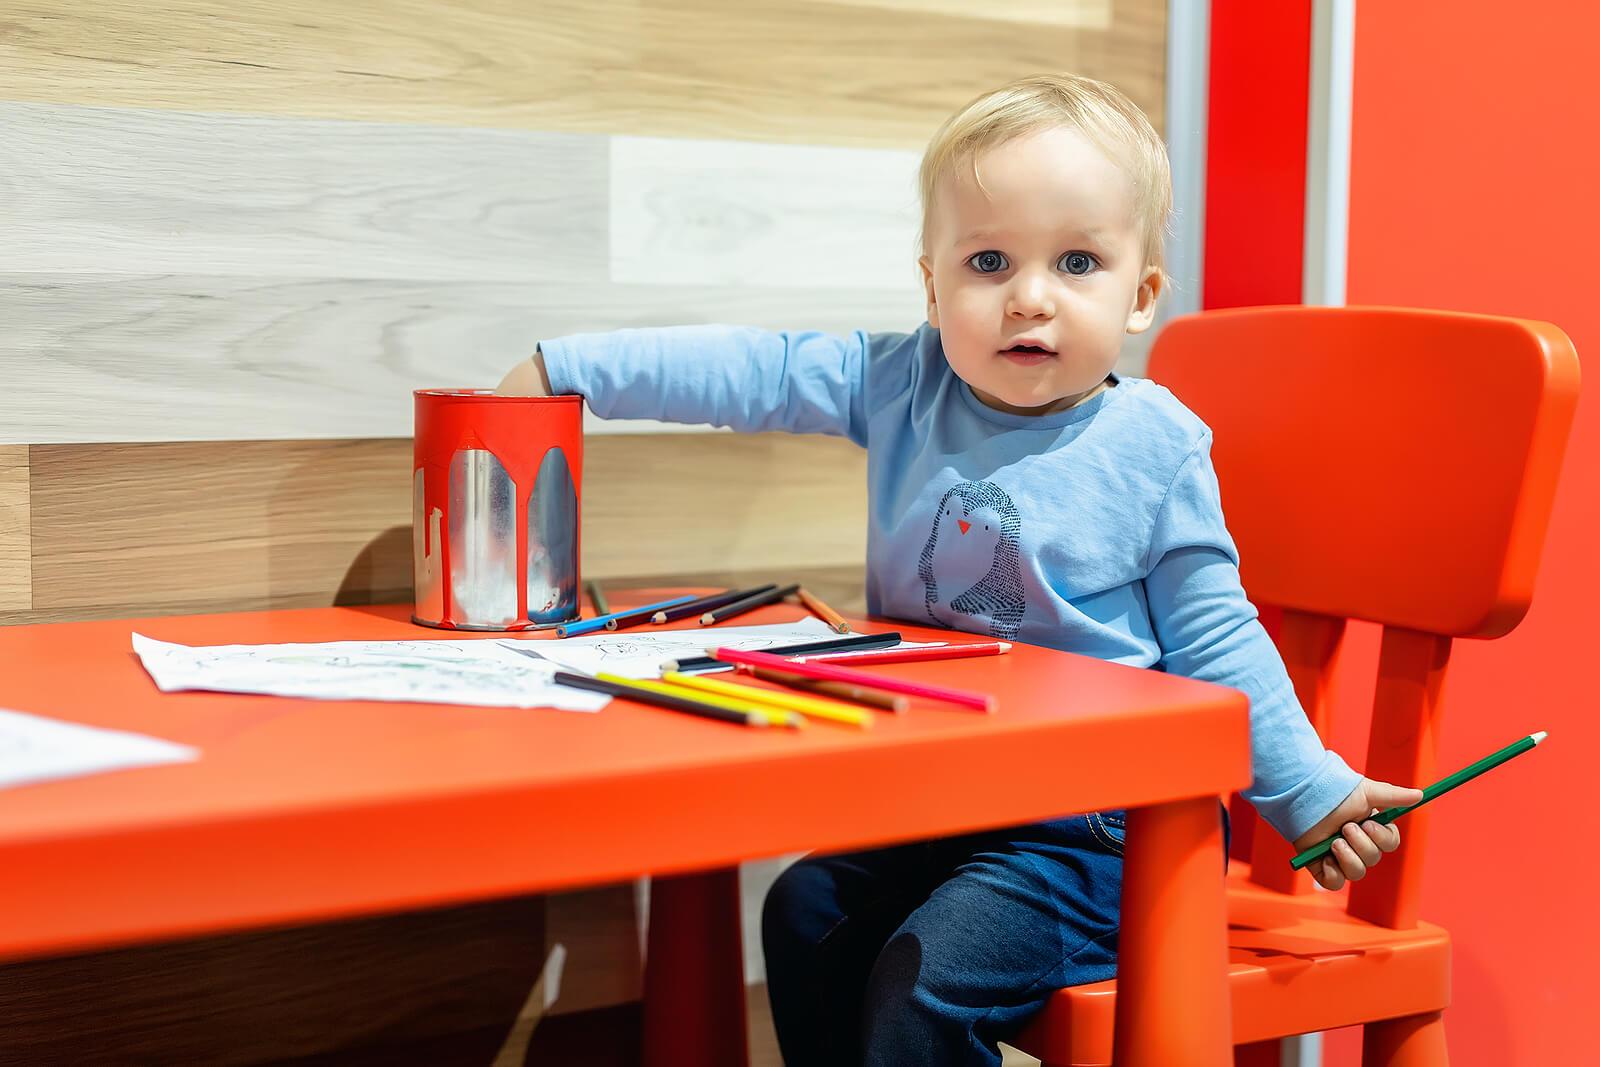 Niño dibujando con muchos colores, pues el dibujo es la primera escritura de los pequeños.